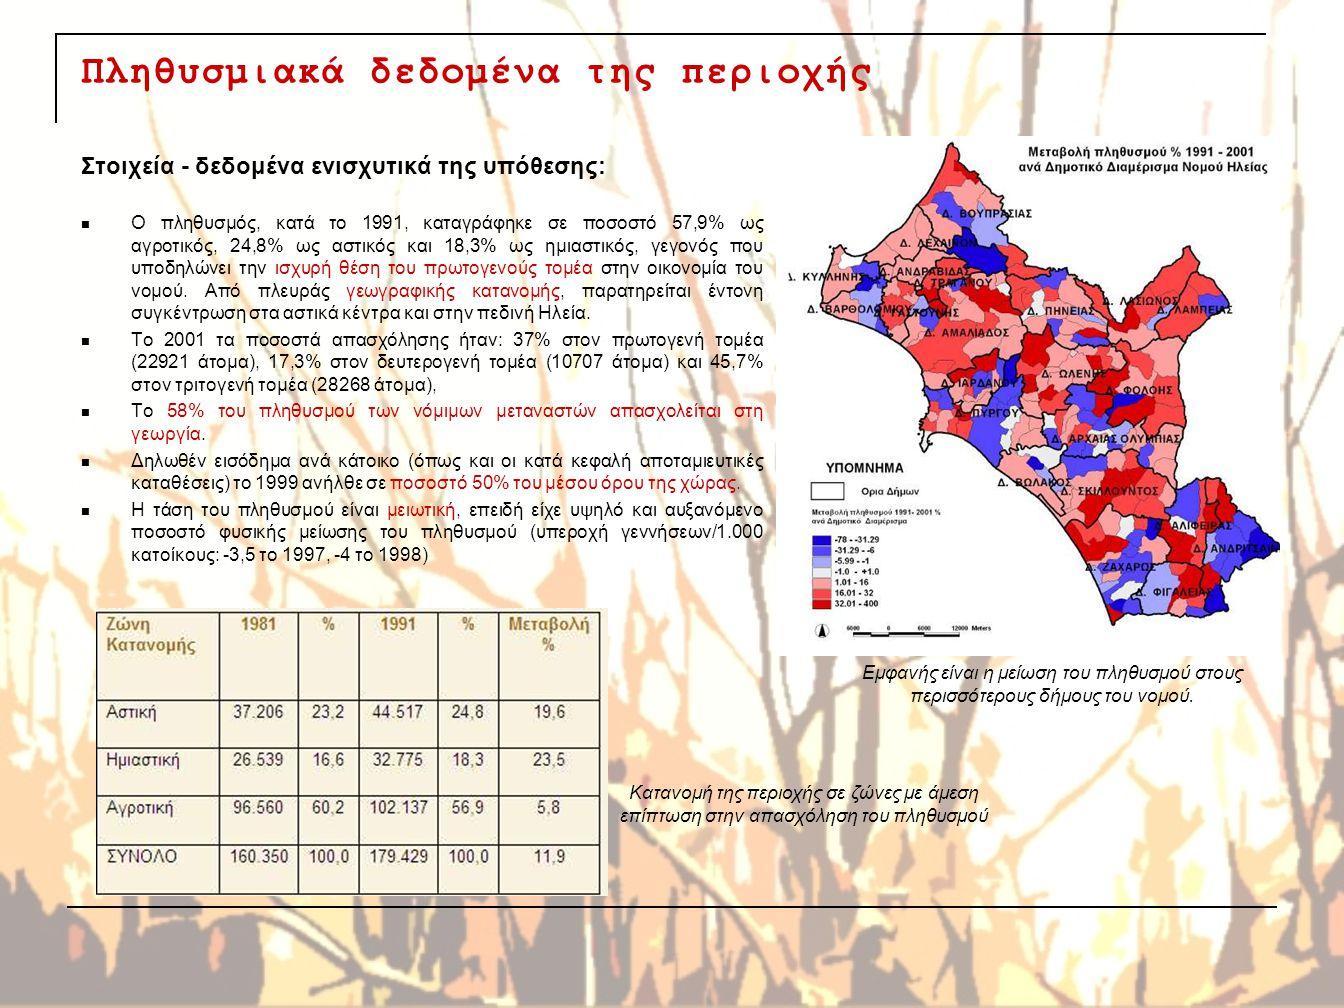 Πληθυσμιακά δεδομένα της περιοχής Στοιχεία - δεδομένα ενισχυτικά της υπόθεσης: Ο πληθυσμός, κατά το 1991, καταγράφηκε σε ποσοστό 57,9% ως αγροτικός, 2